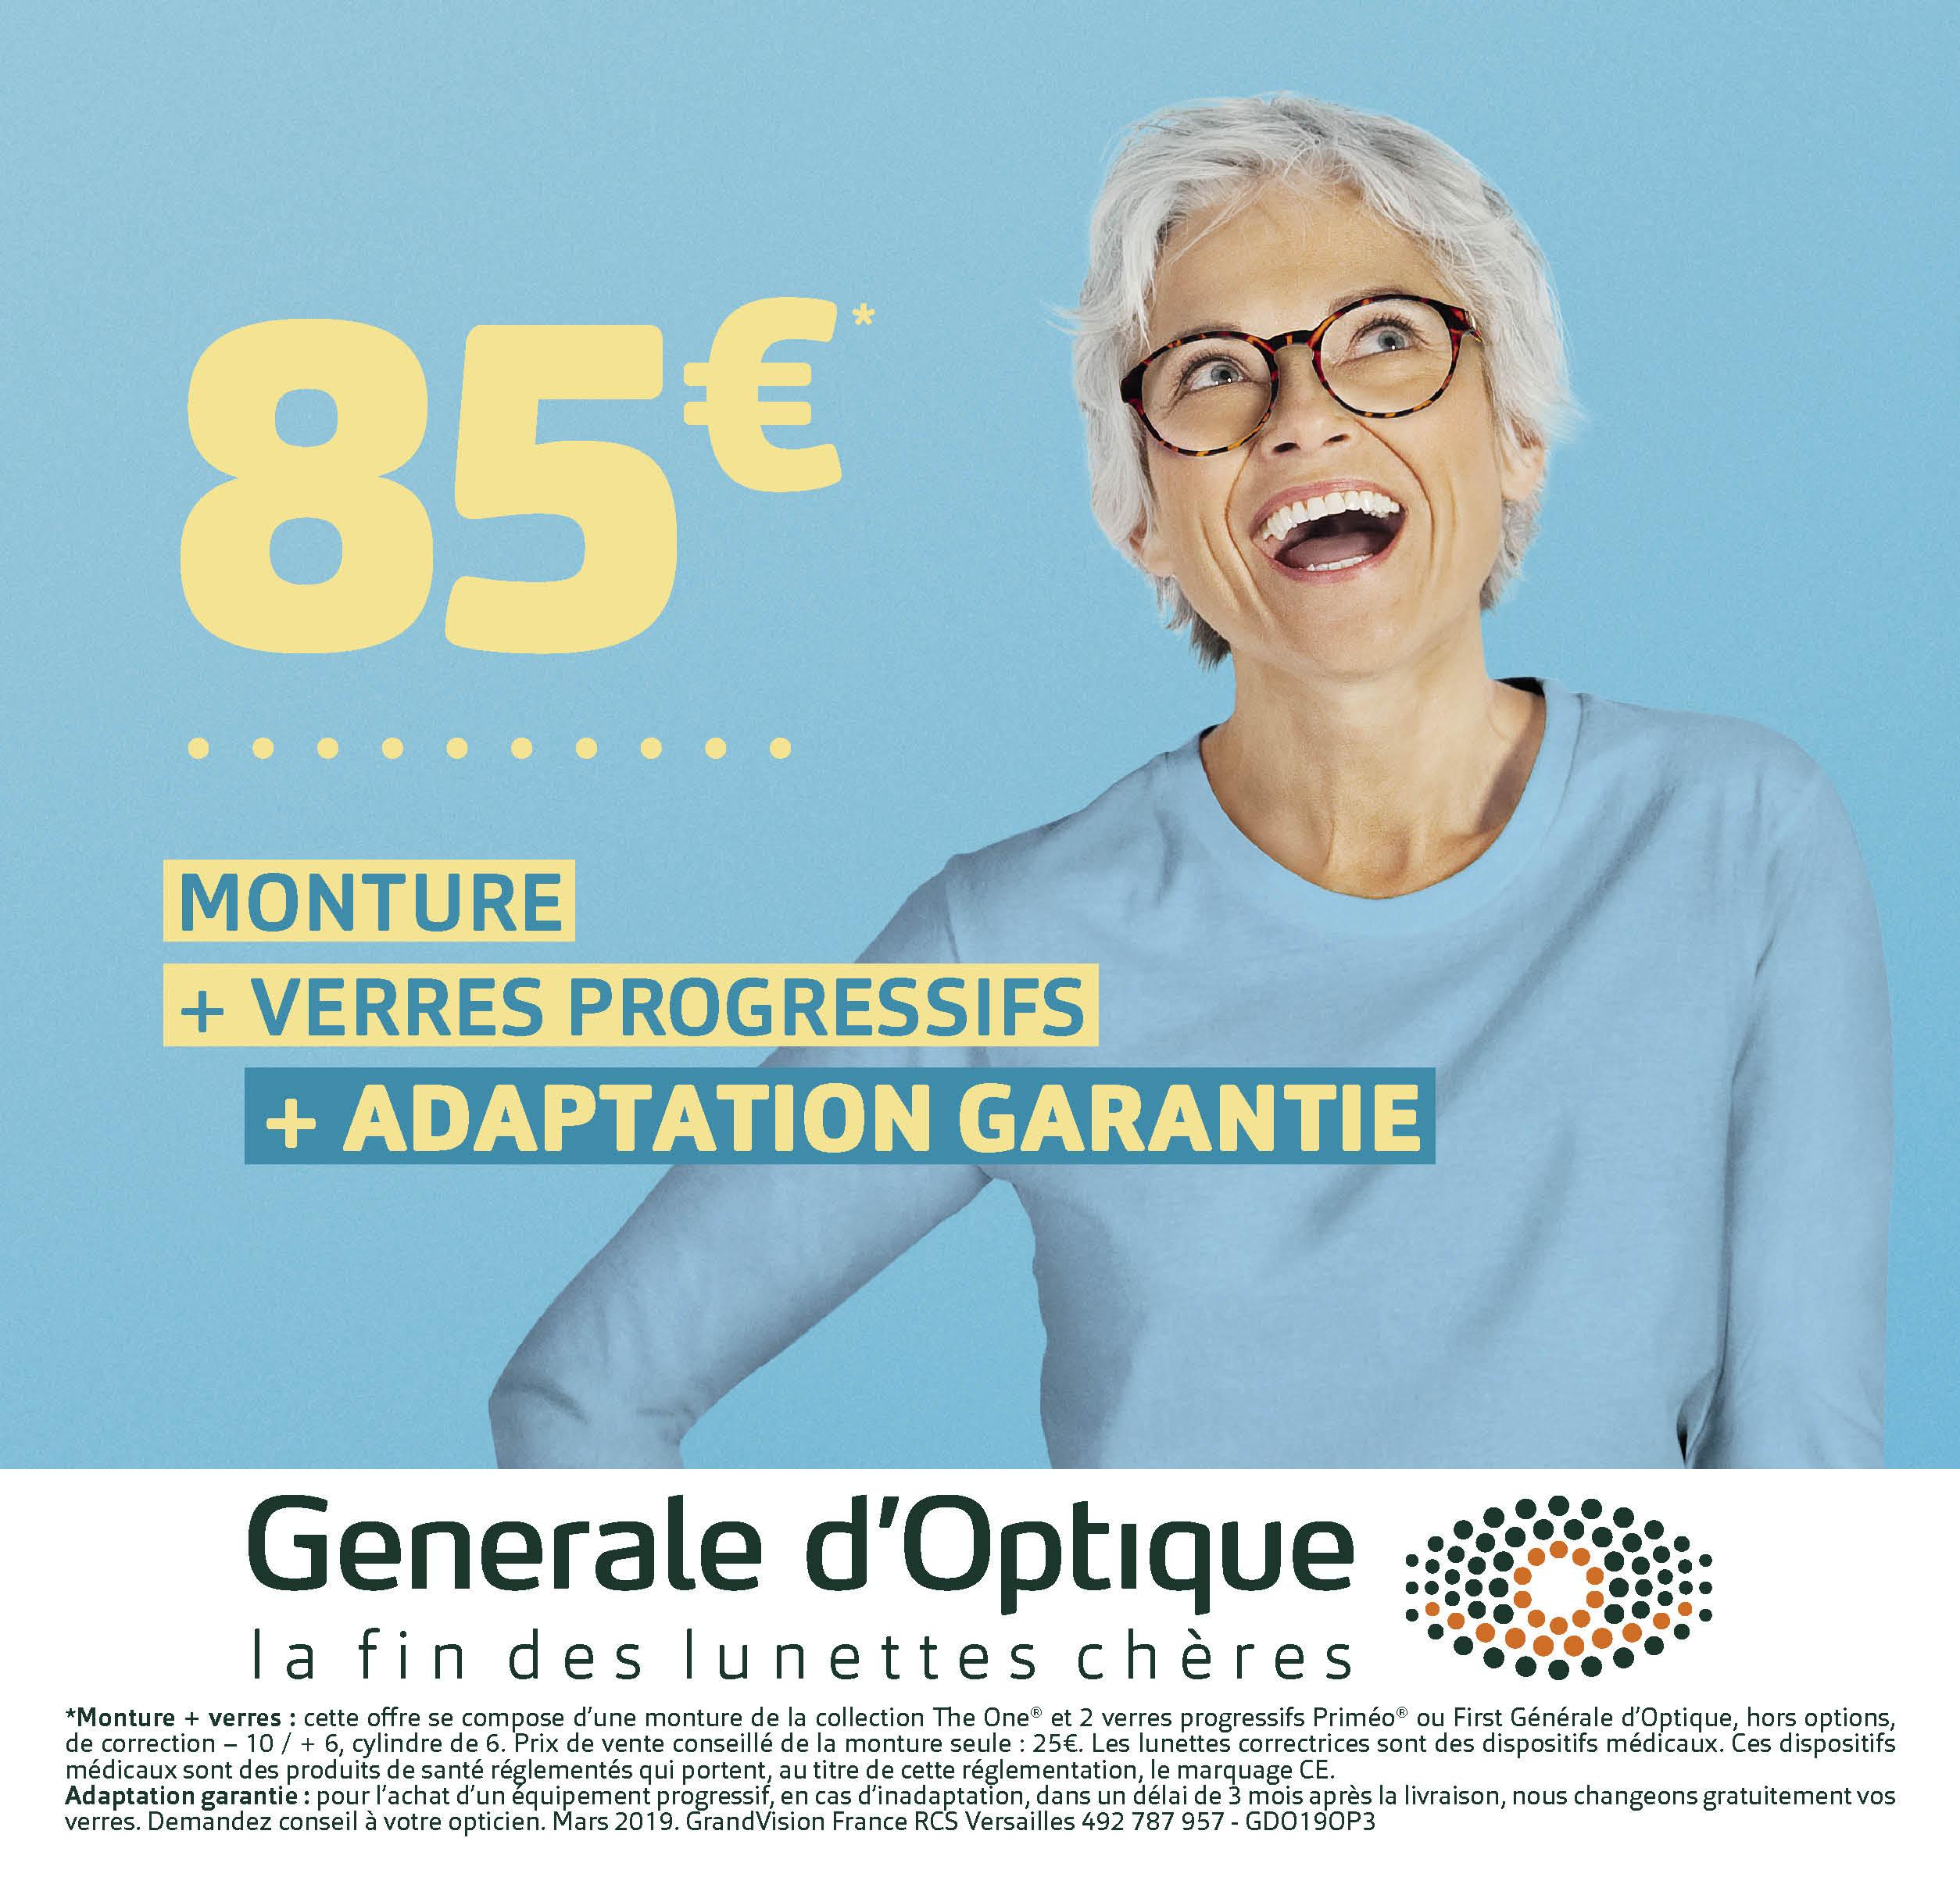 MIEUX VOIR AVEC LA GENERALE D'OPTIQUE